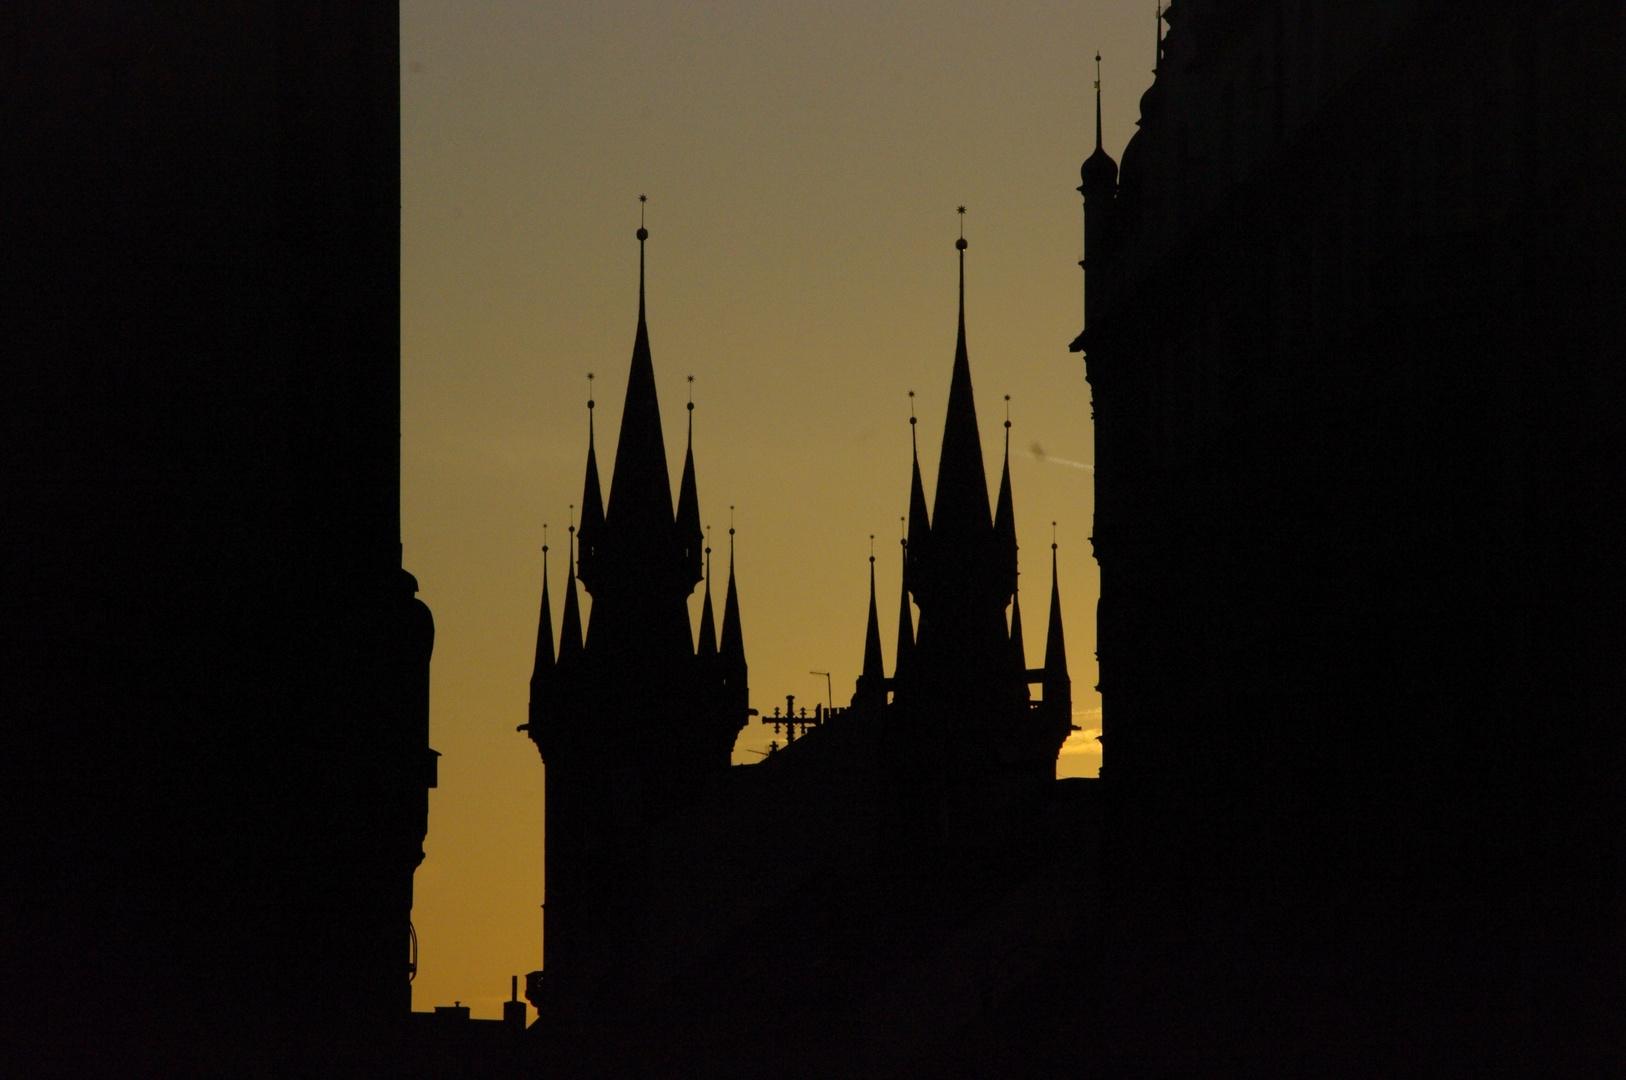 Prag 007 - Rundgang bei Anbruch der Nacht